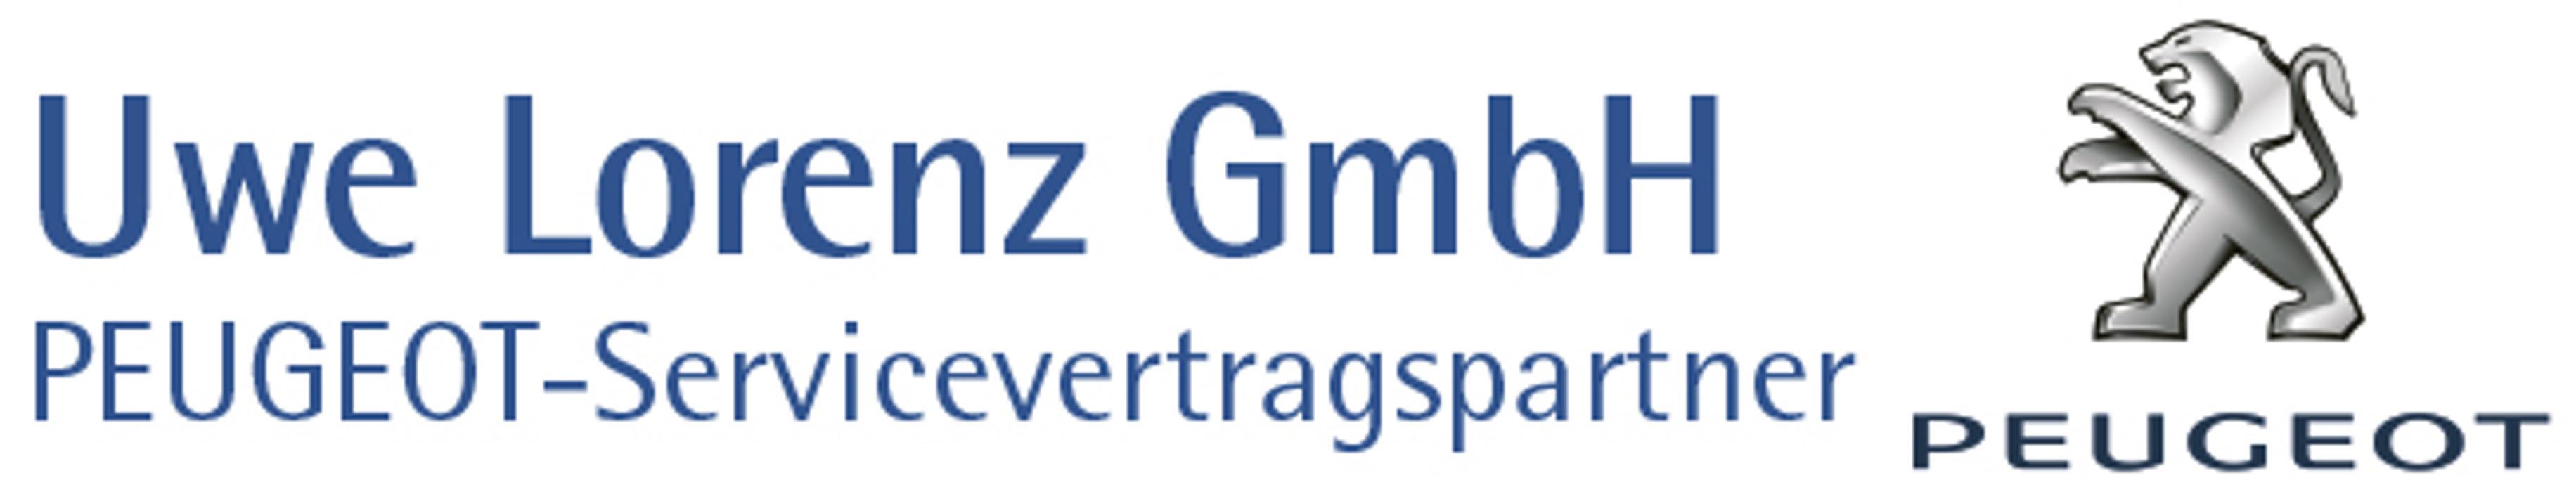 Logo von Uwe Lorenz GmbH